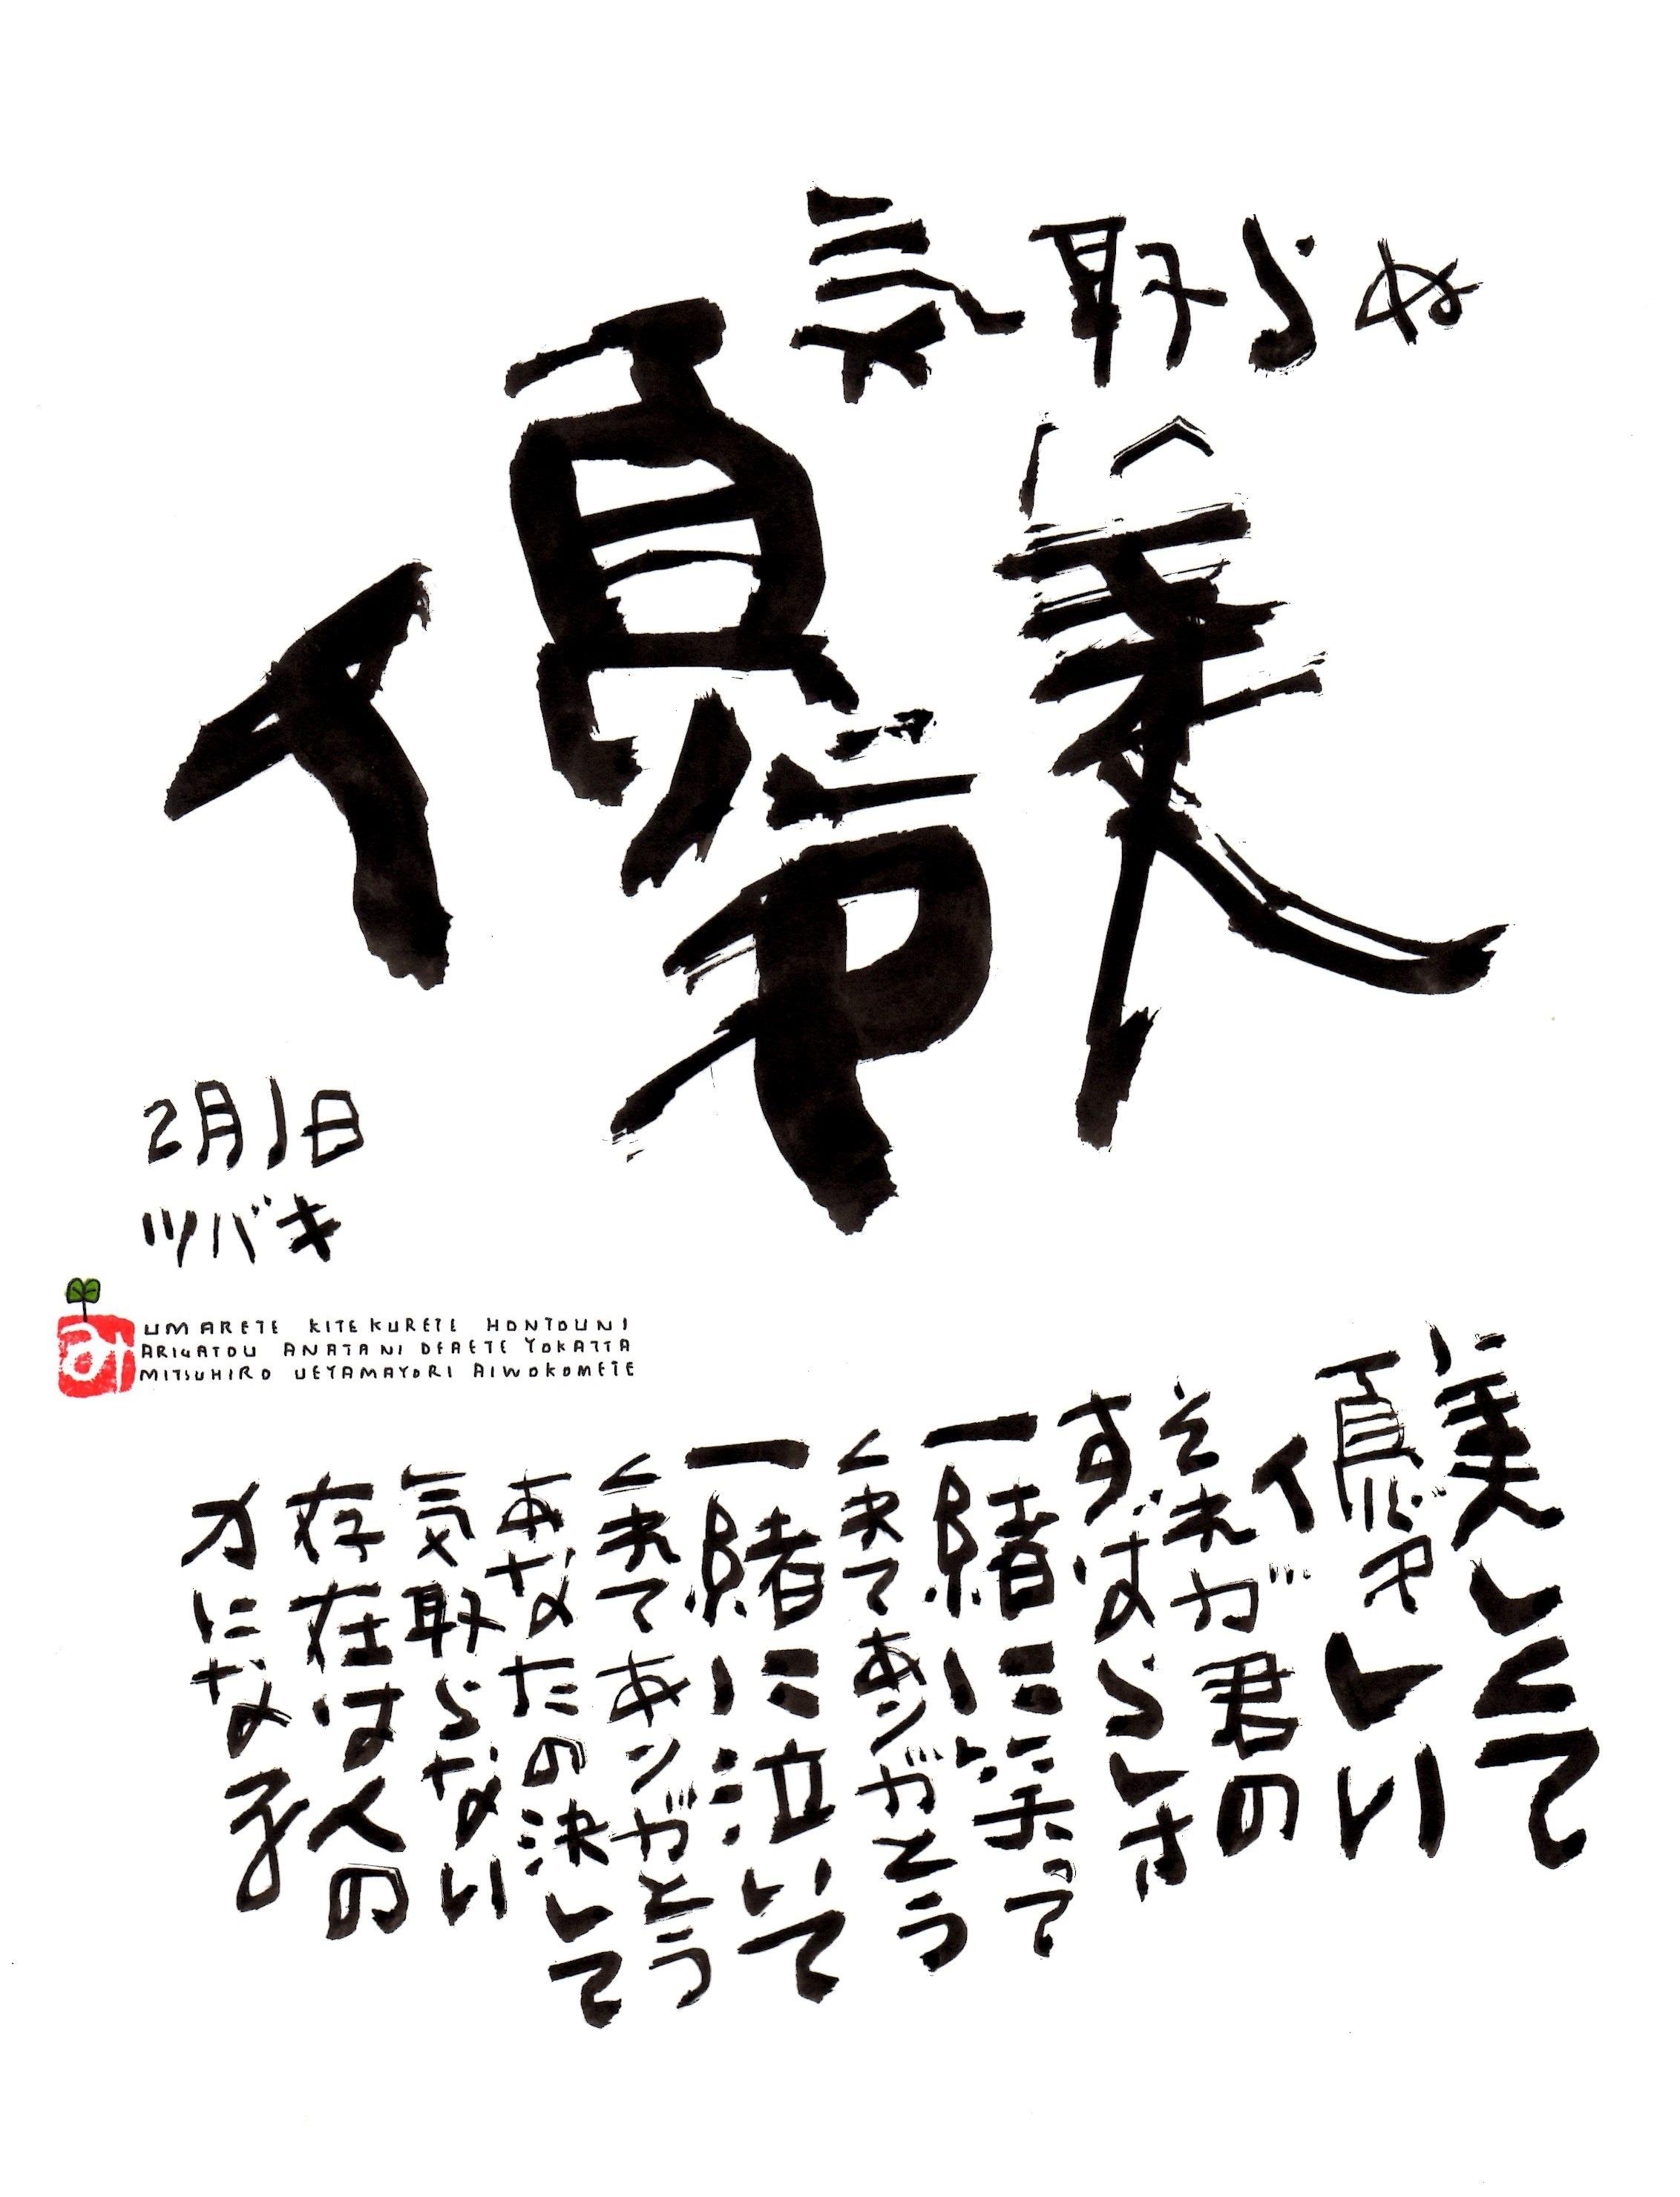 2月1日 誕生日ポストカード【気取らない優美】Unpretentious grace